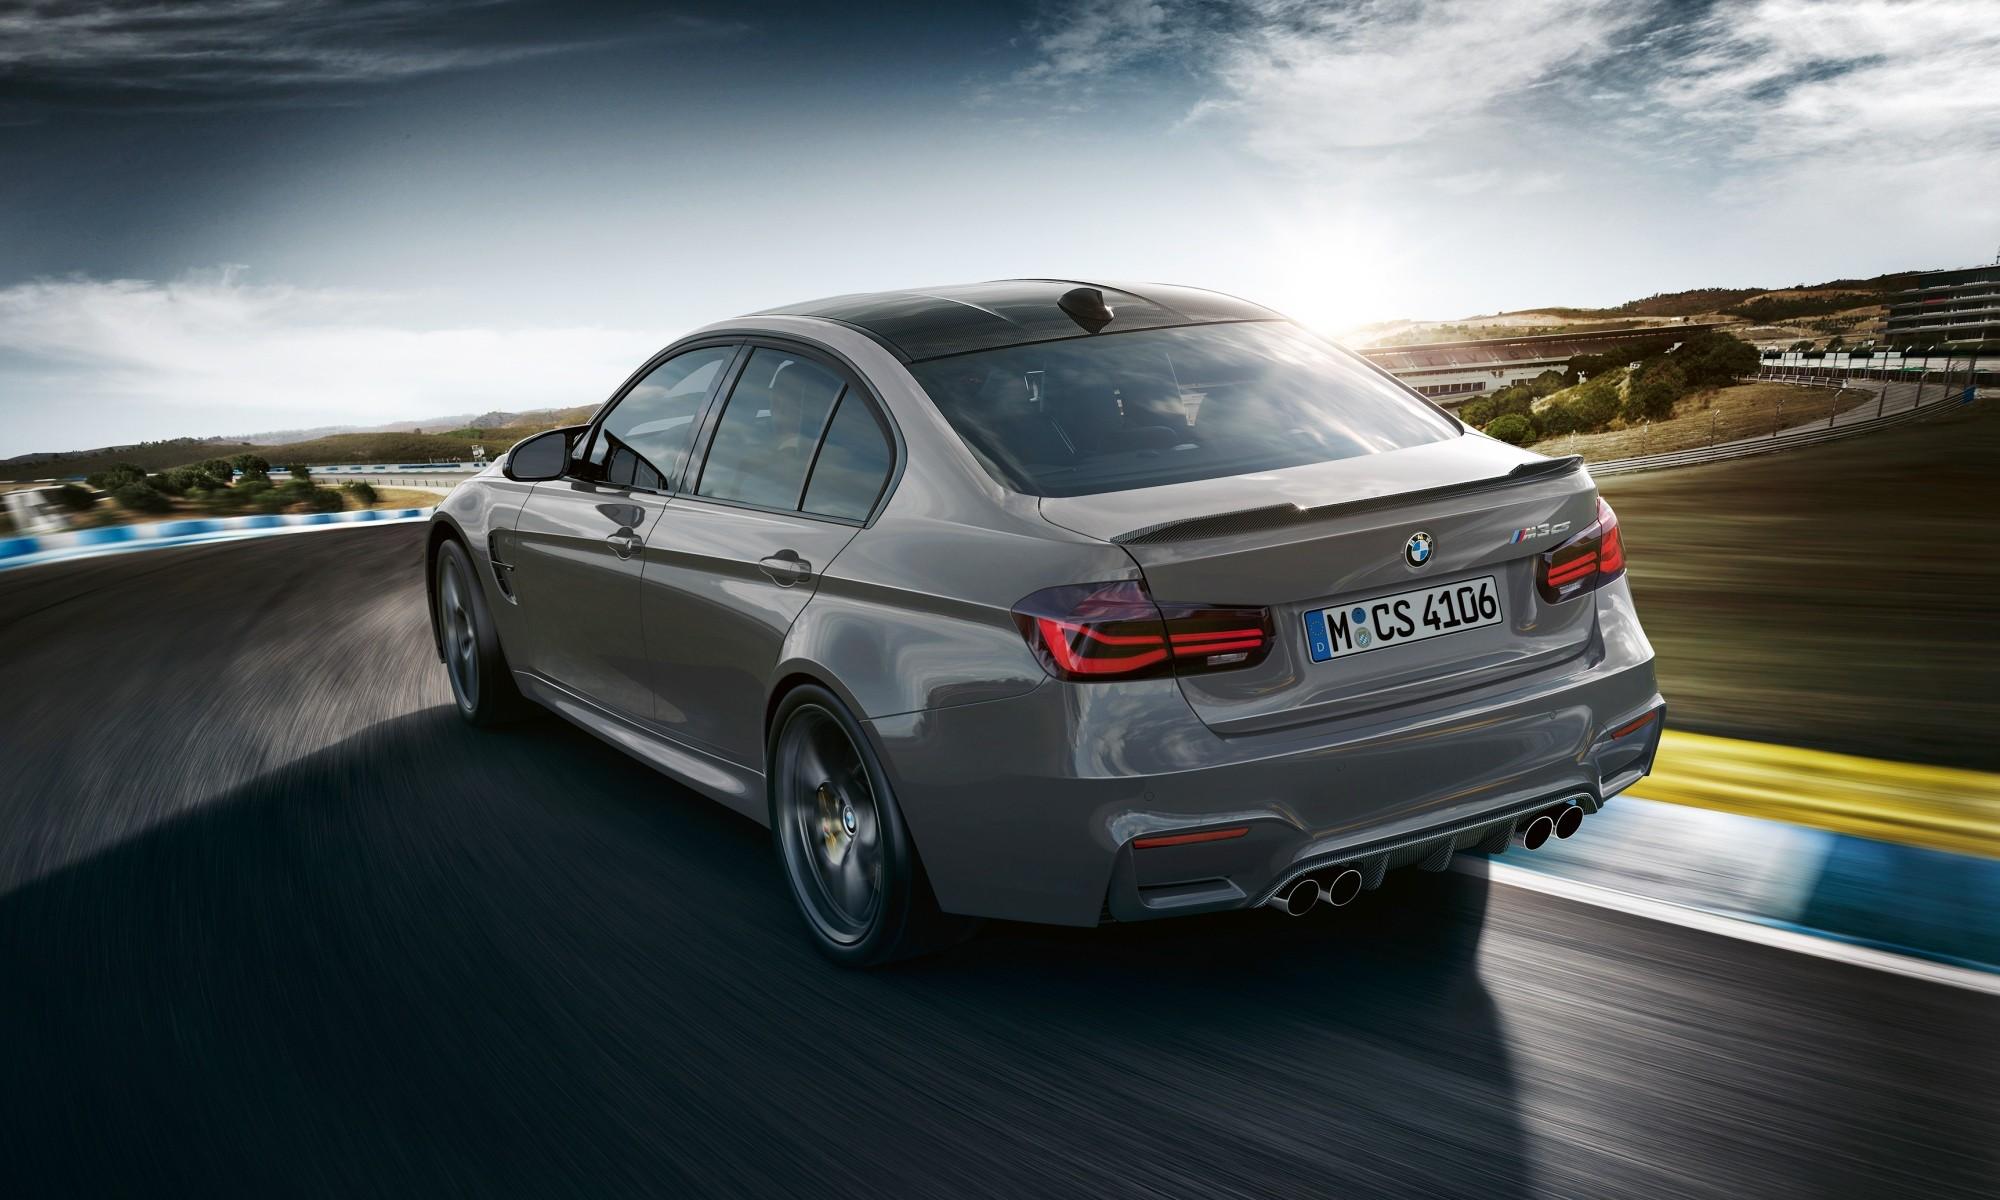 BMW M3 CS rear